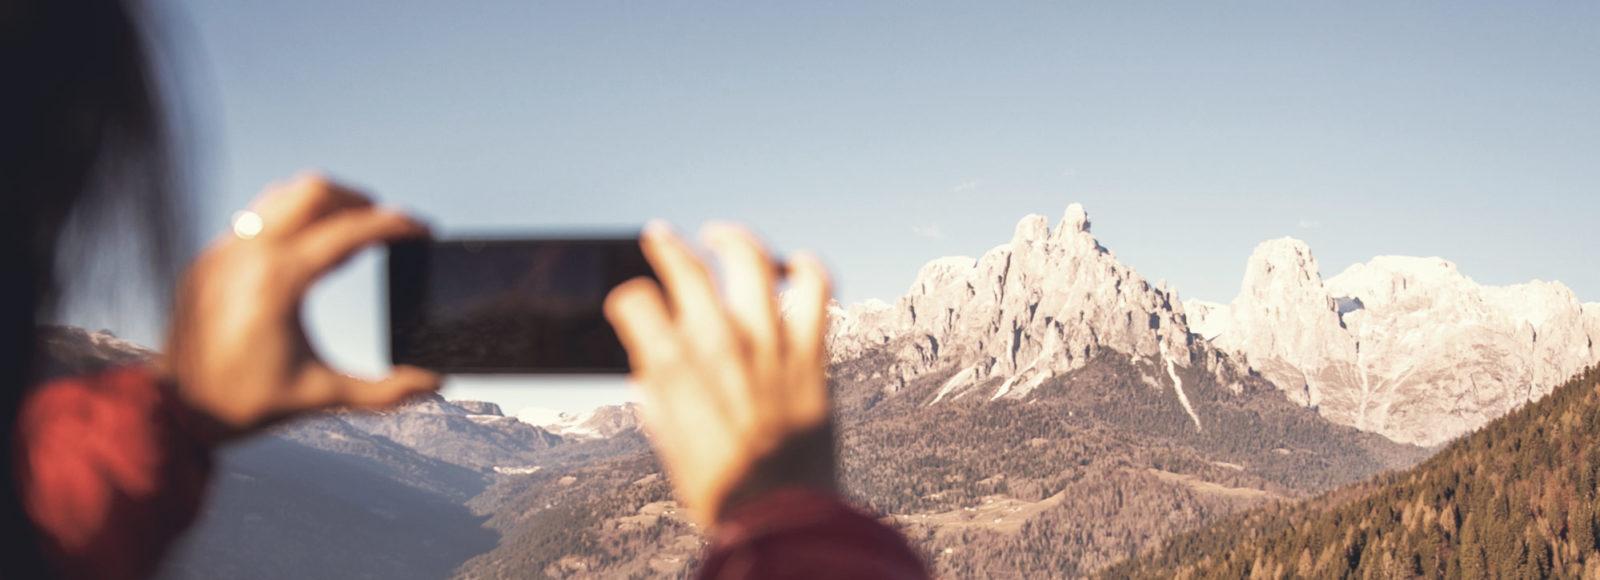 Le Pale di San Martino - Dolomiti - Trentino